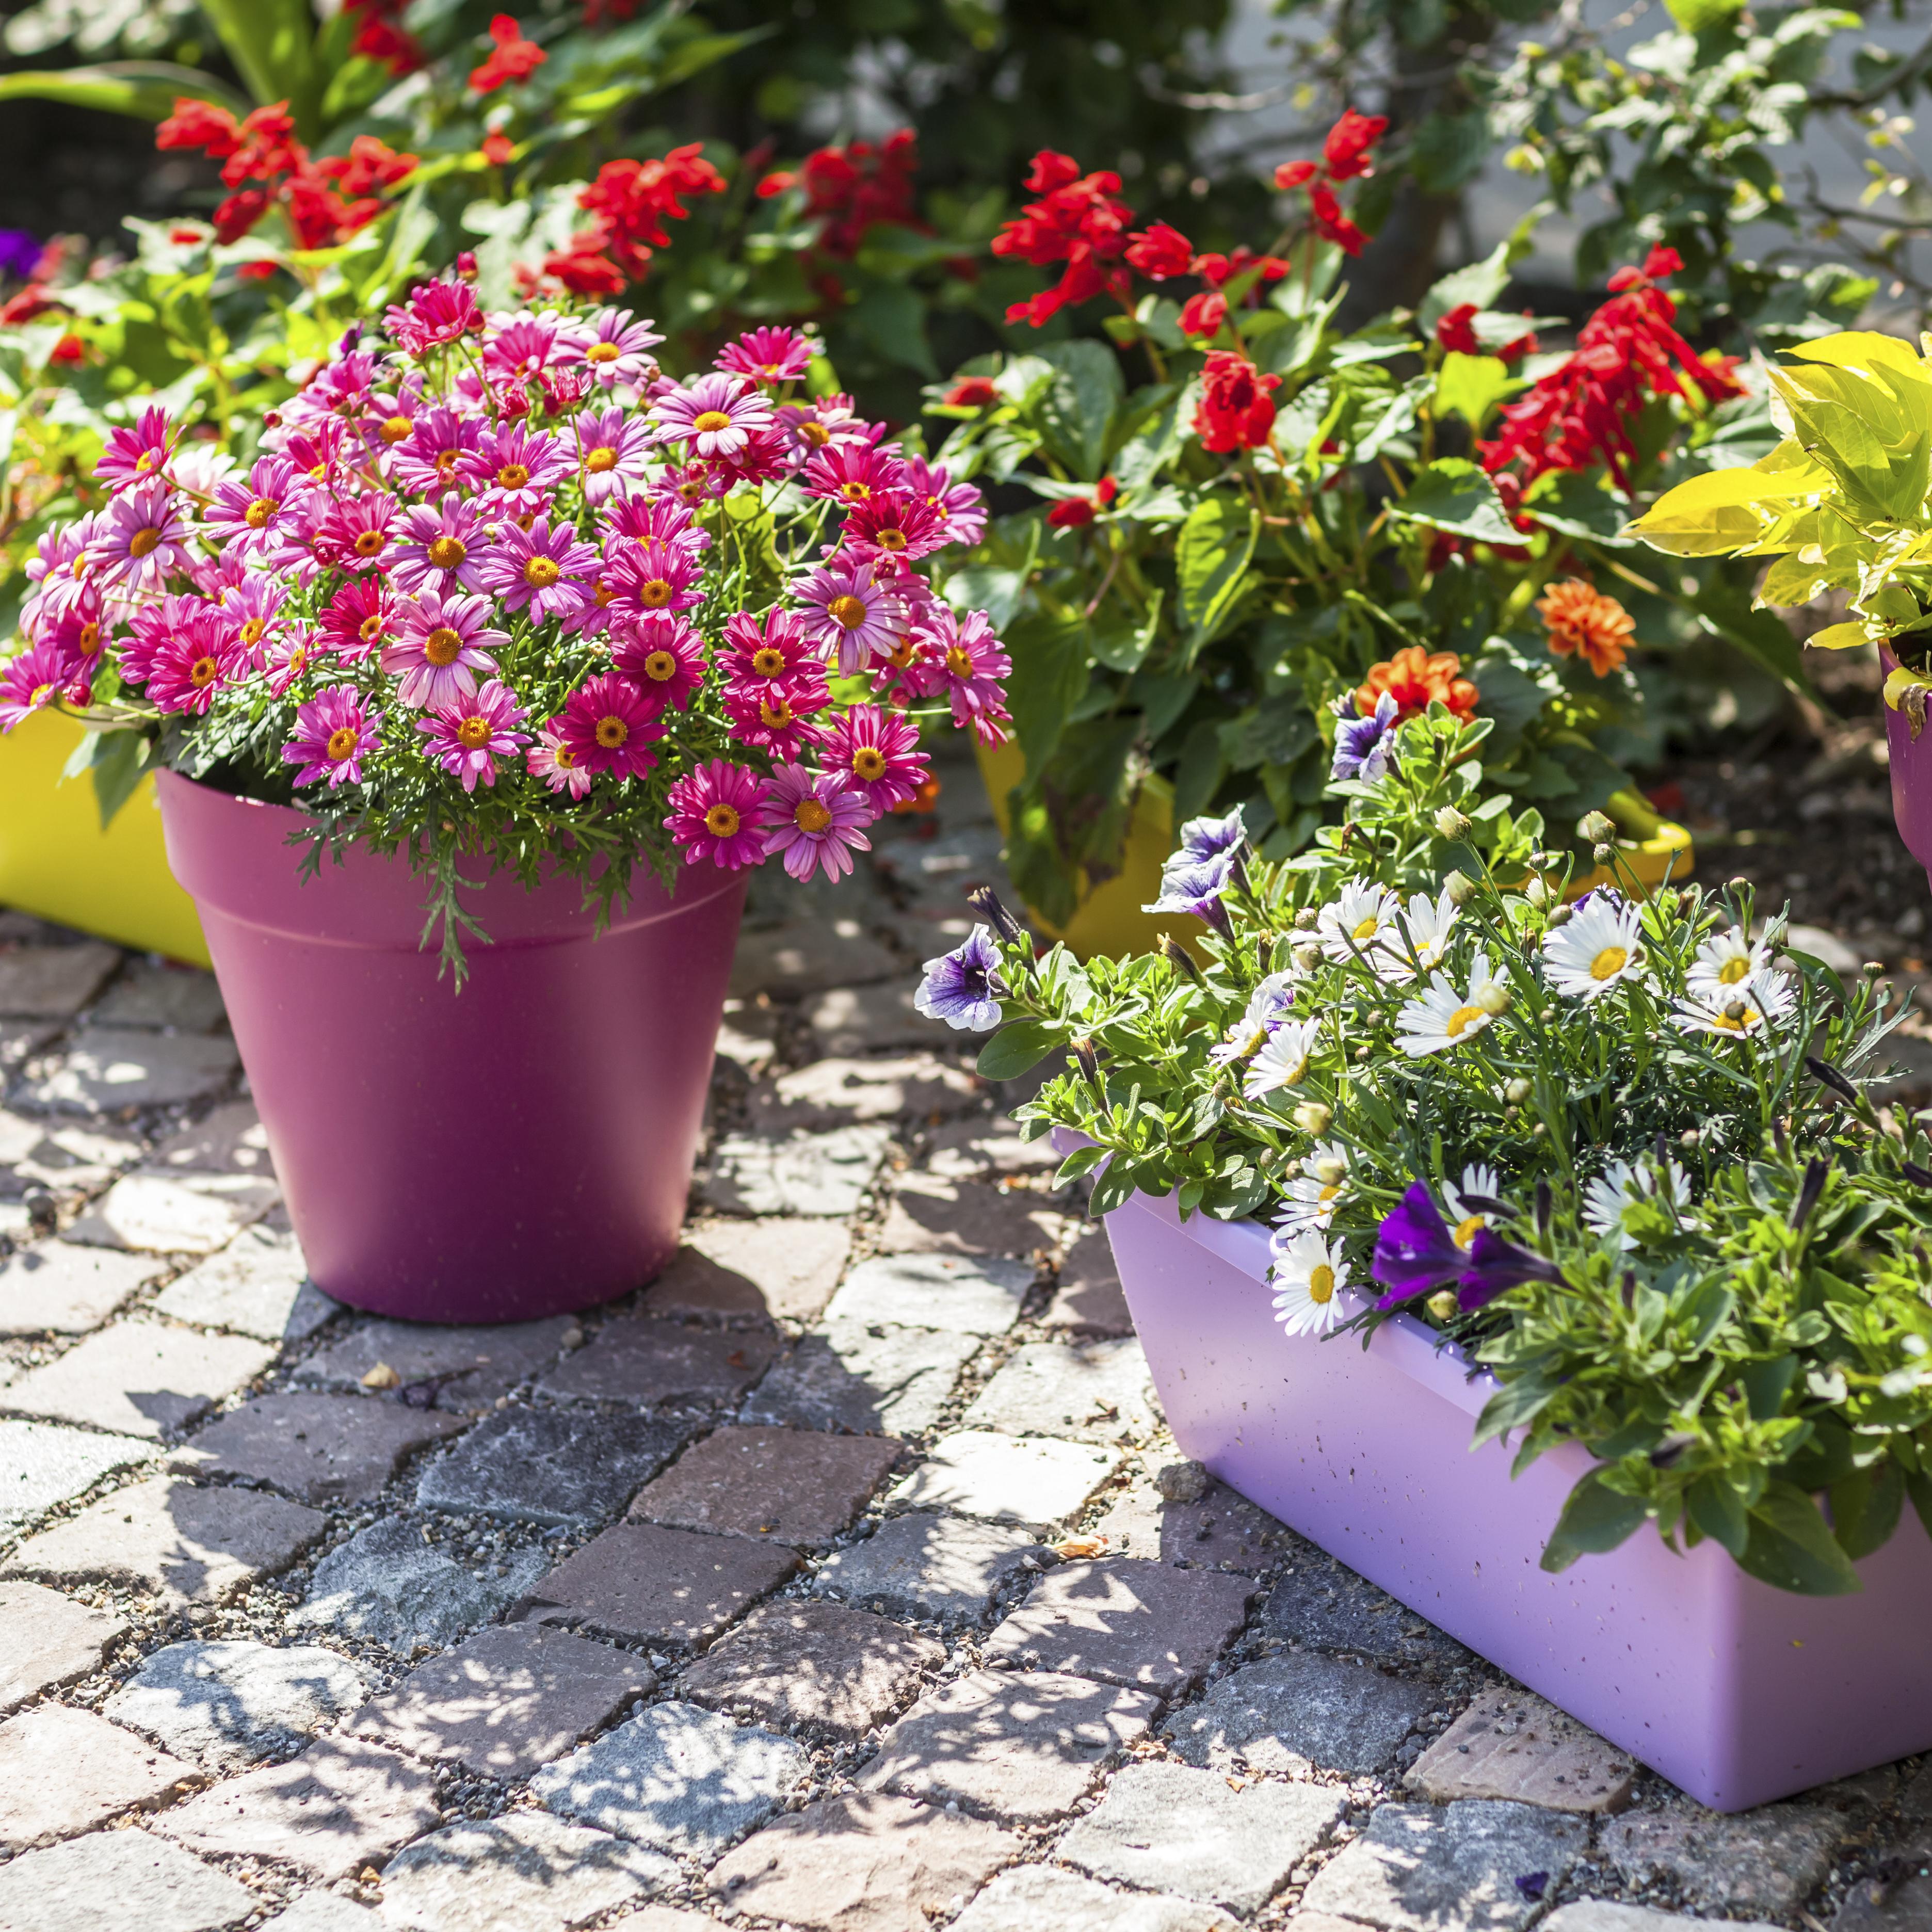 Blumentöpfe verschönern – So werden langweilige Töpfe zum Blickfang